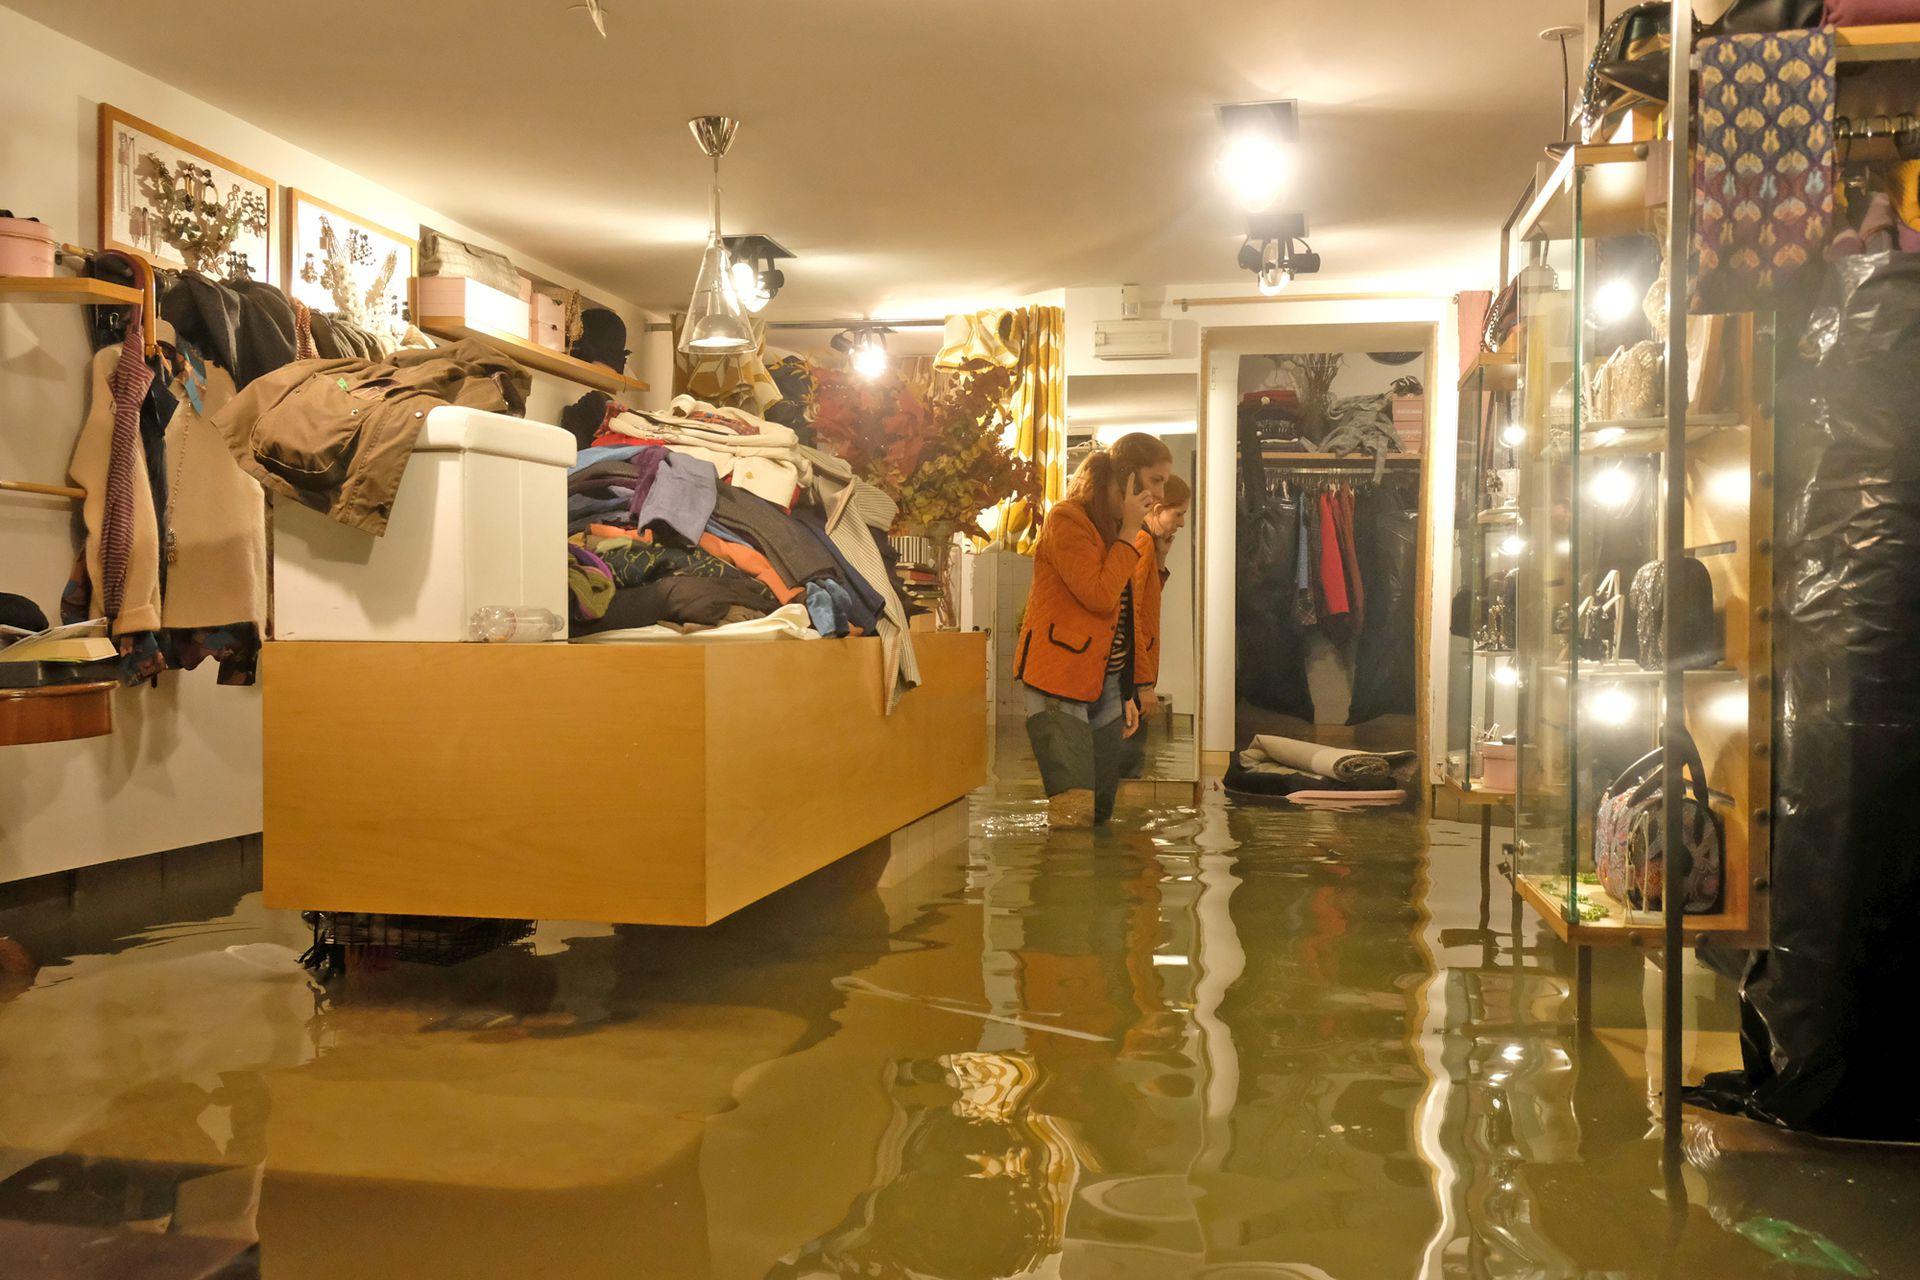 Un negocio de ropa totalmente inundado.